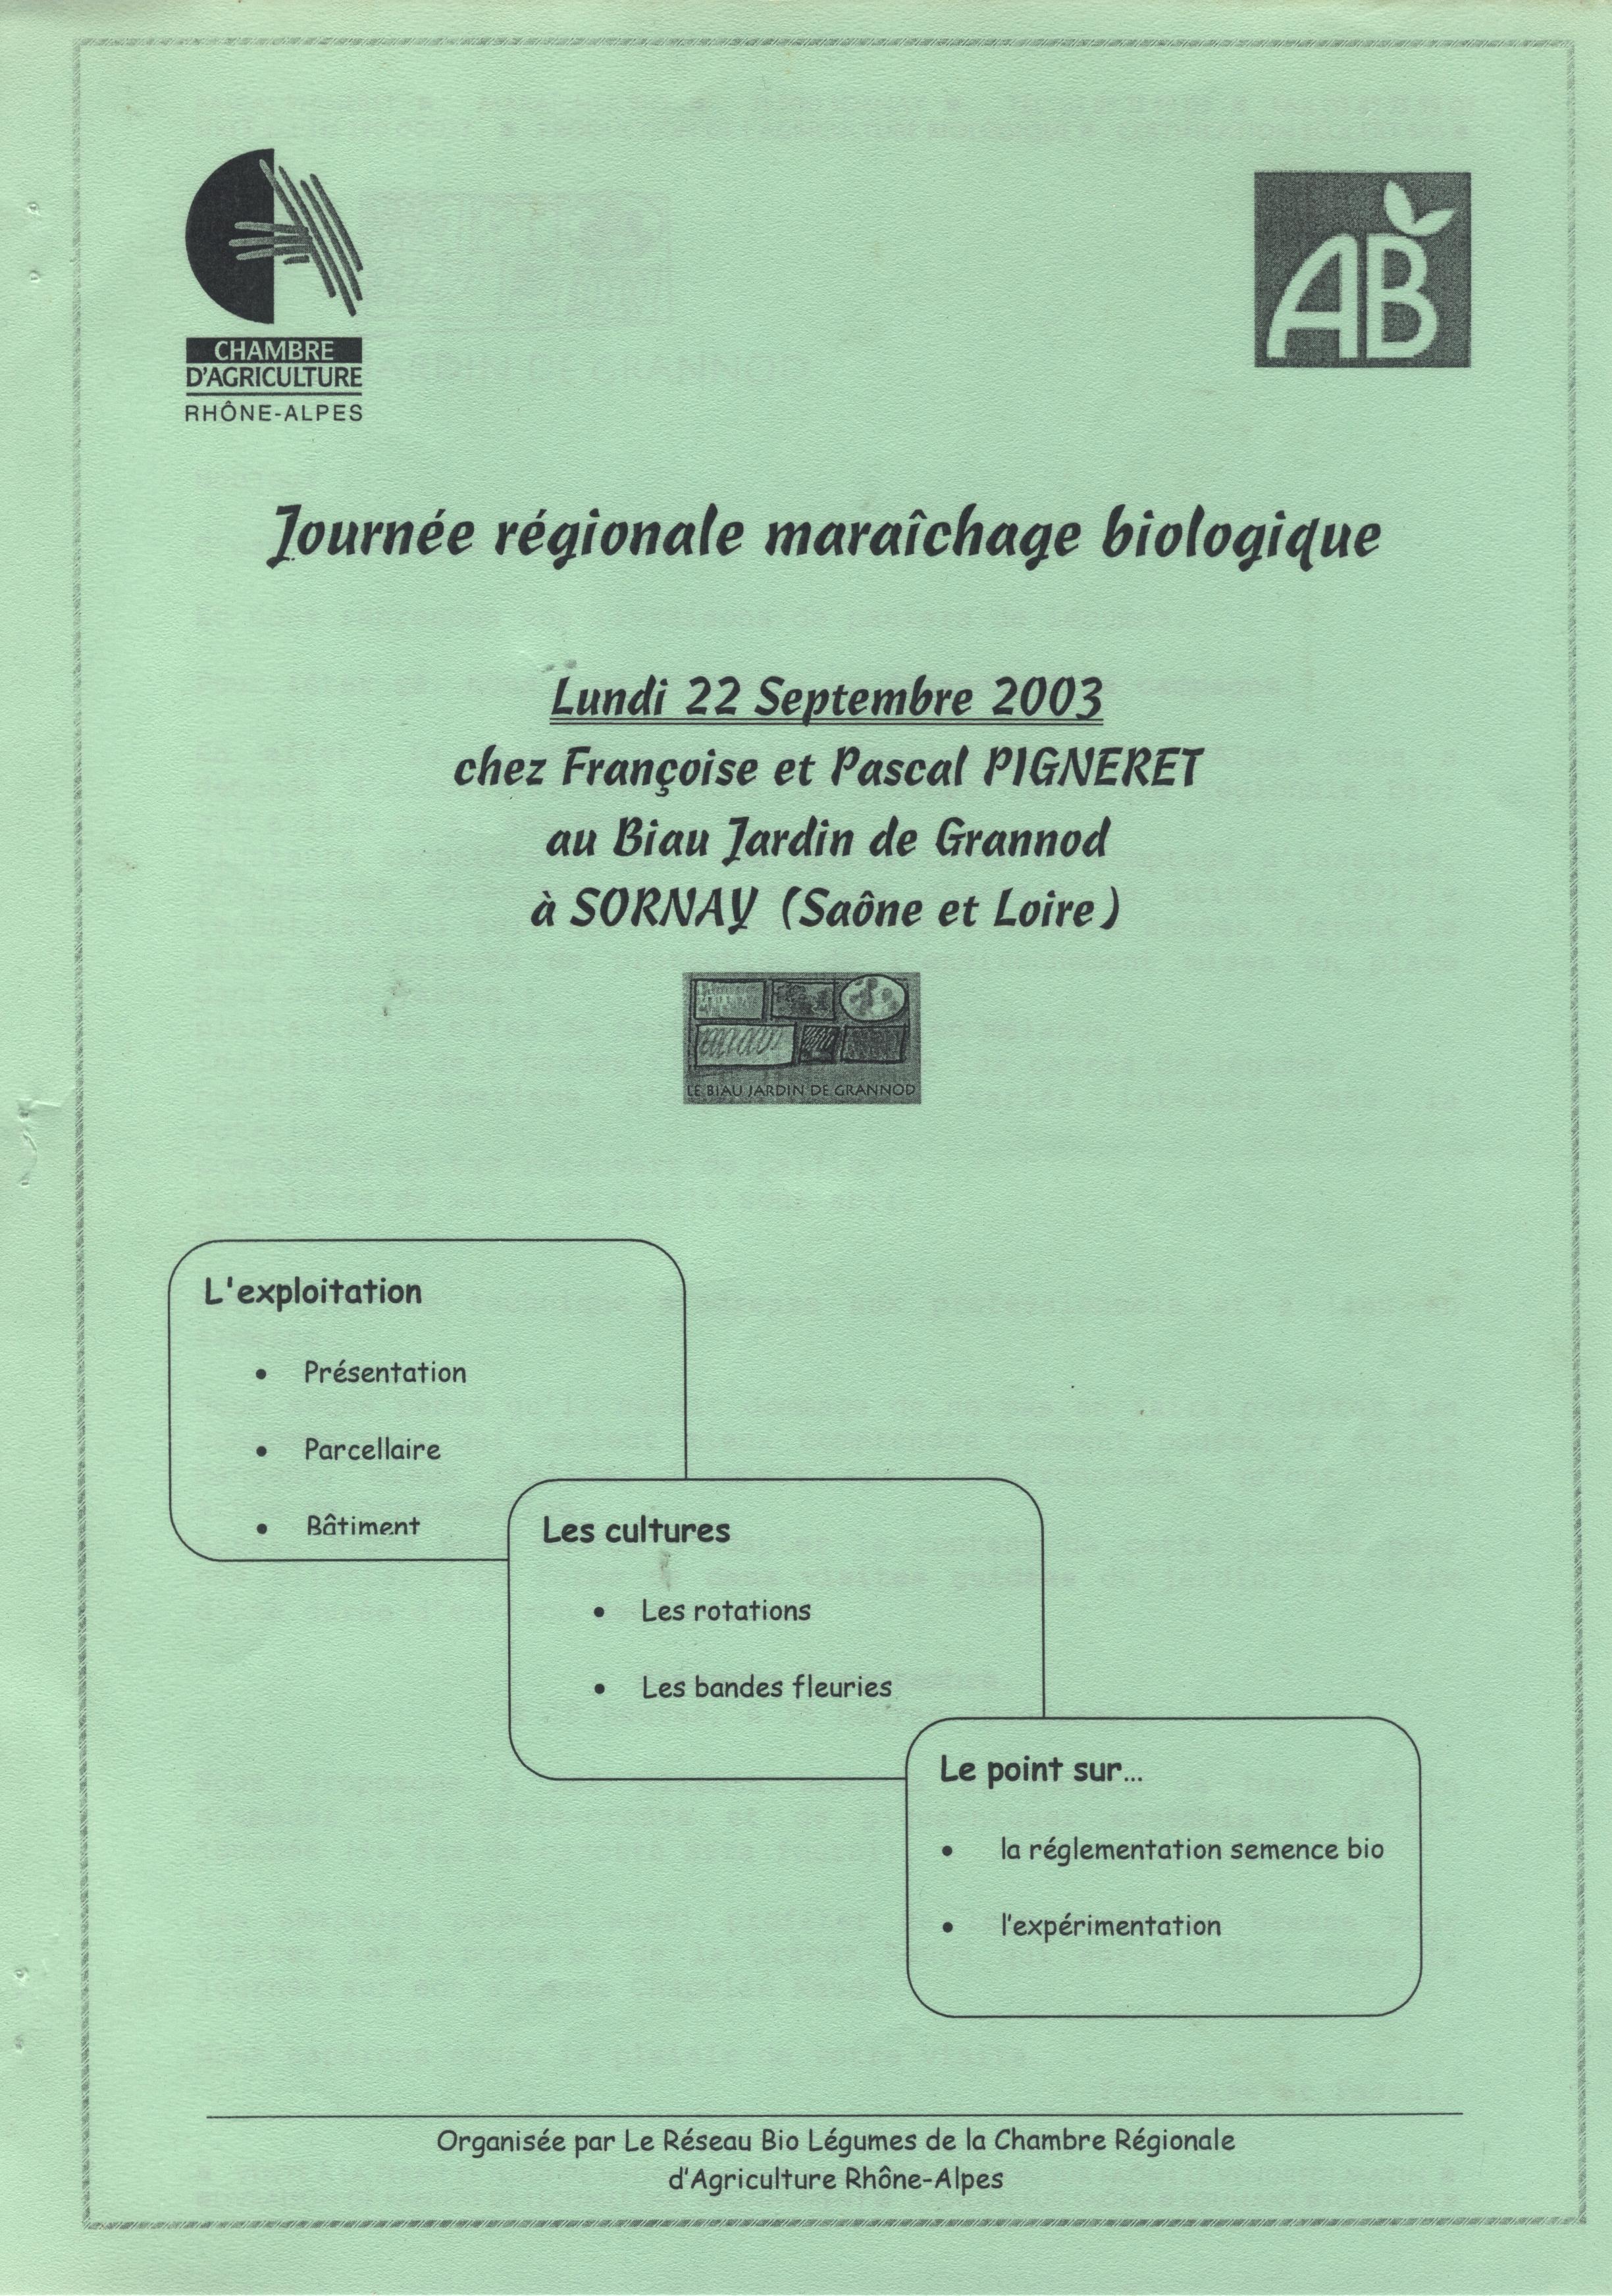 Journée professionnelle pour maraîchers et techniciens agricoles organisée par la chambre régionale d'agriculture Rhône-Alpes